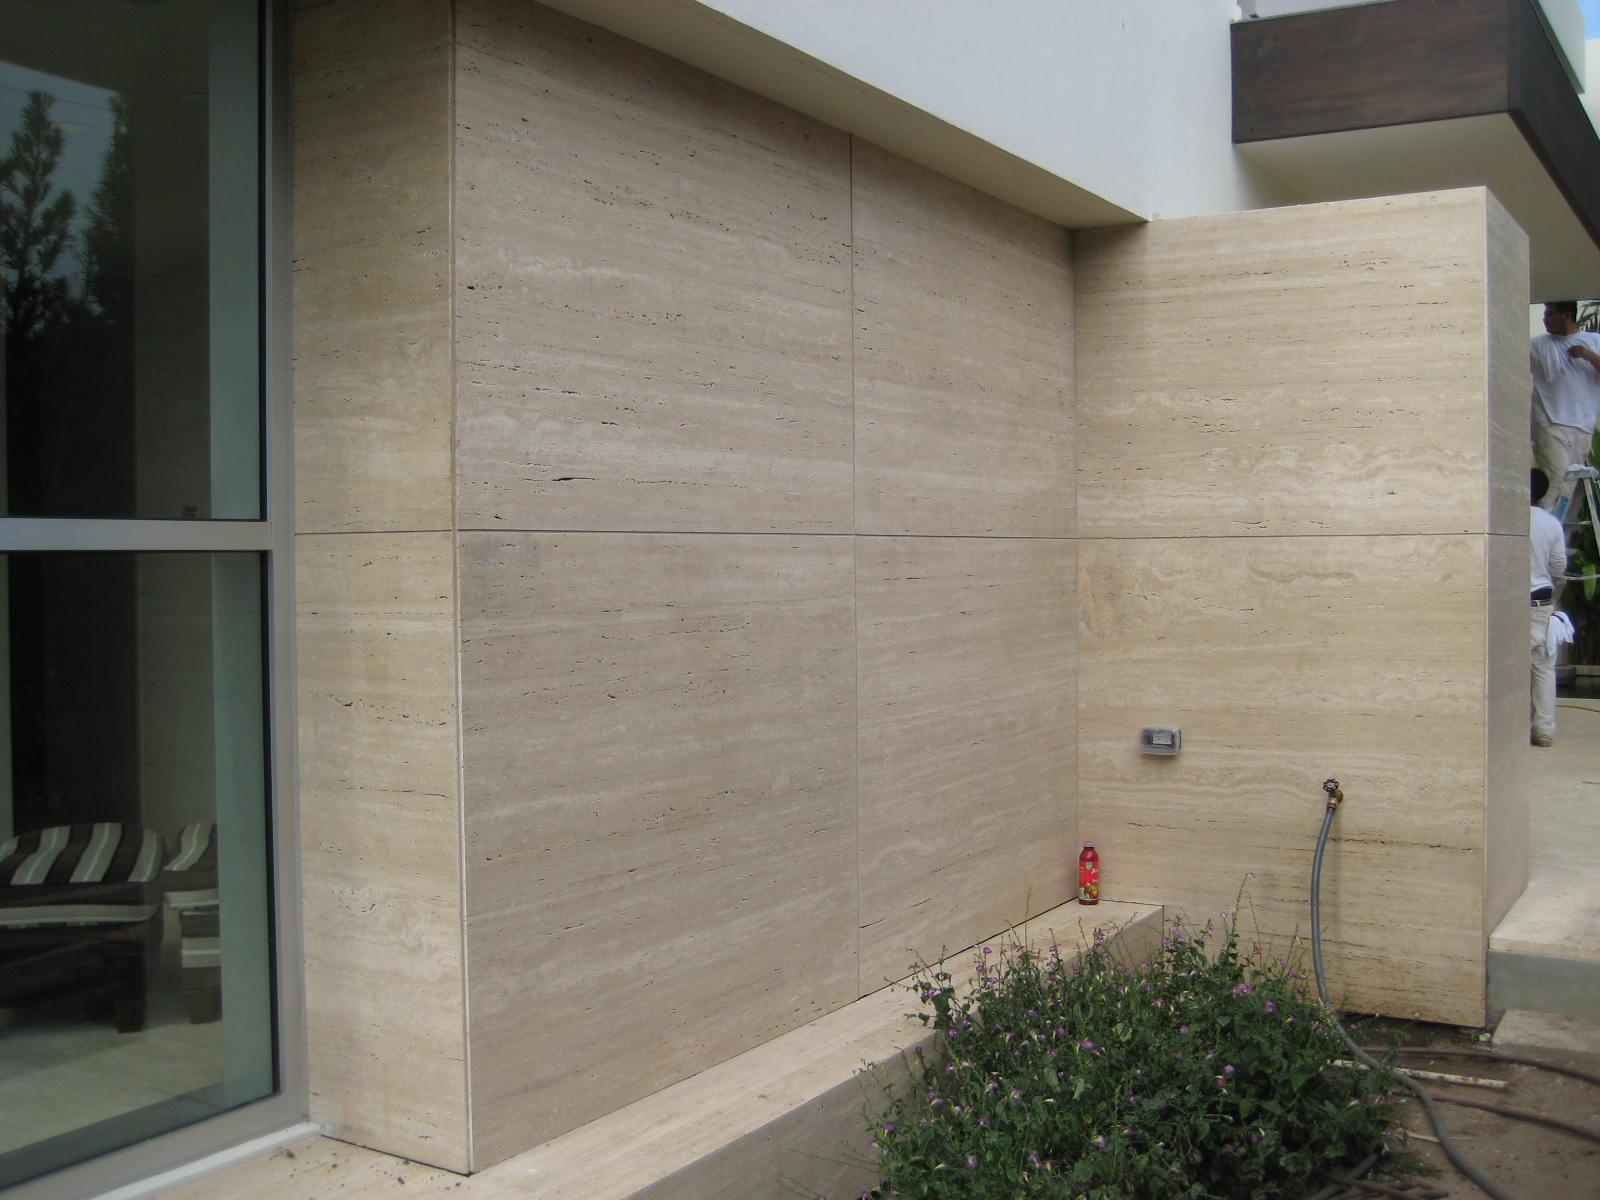 28 Ide Warna Granit Untuk Dinding Luar